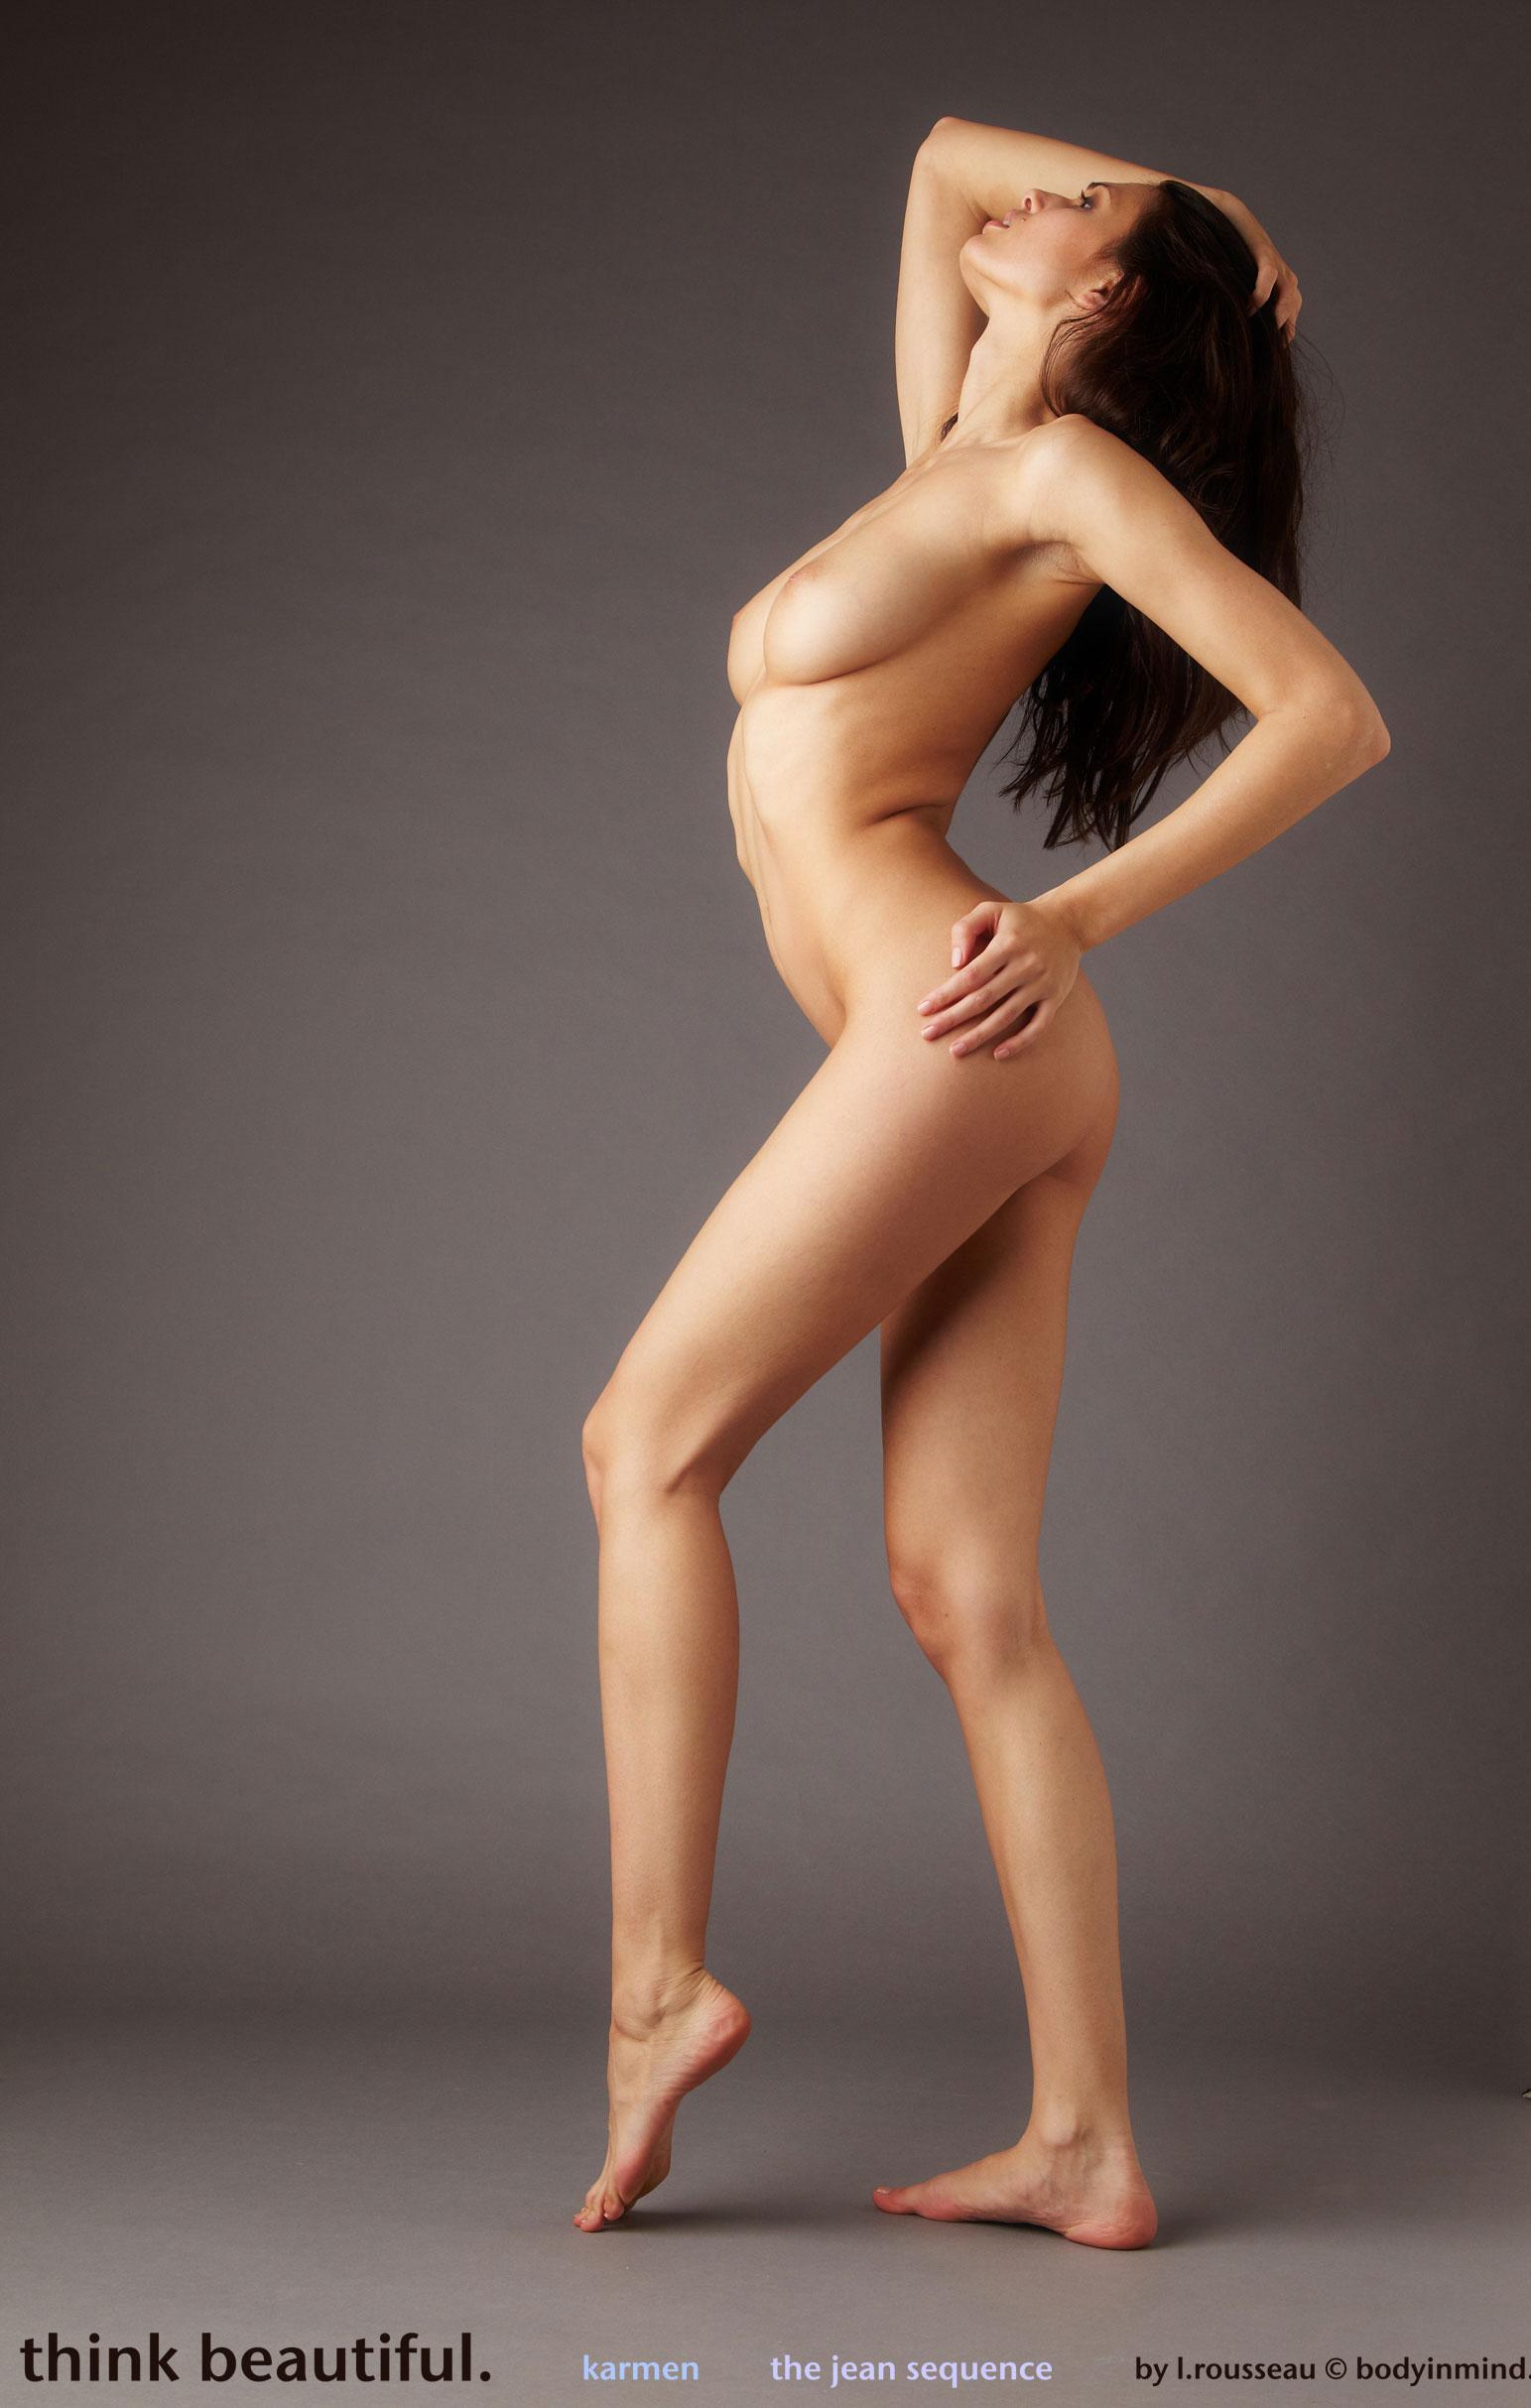 Karmen in Jeans Sequence - NudesPuri.com